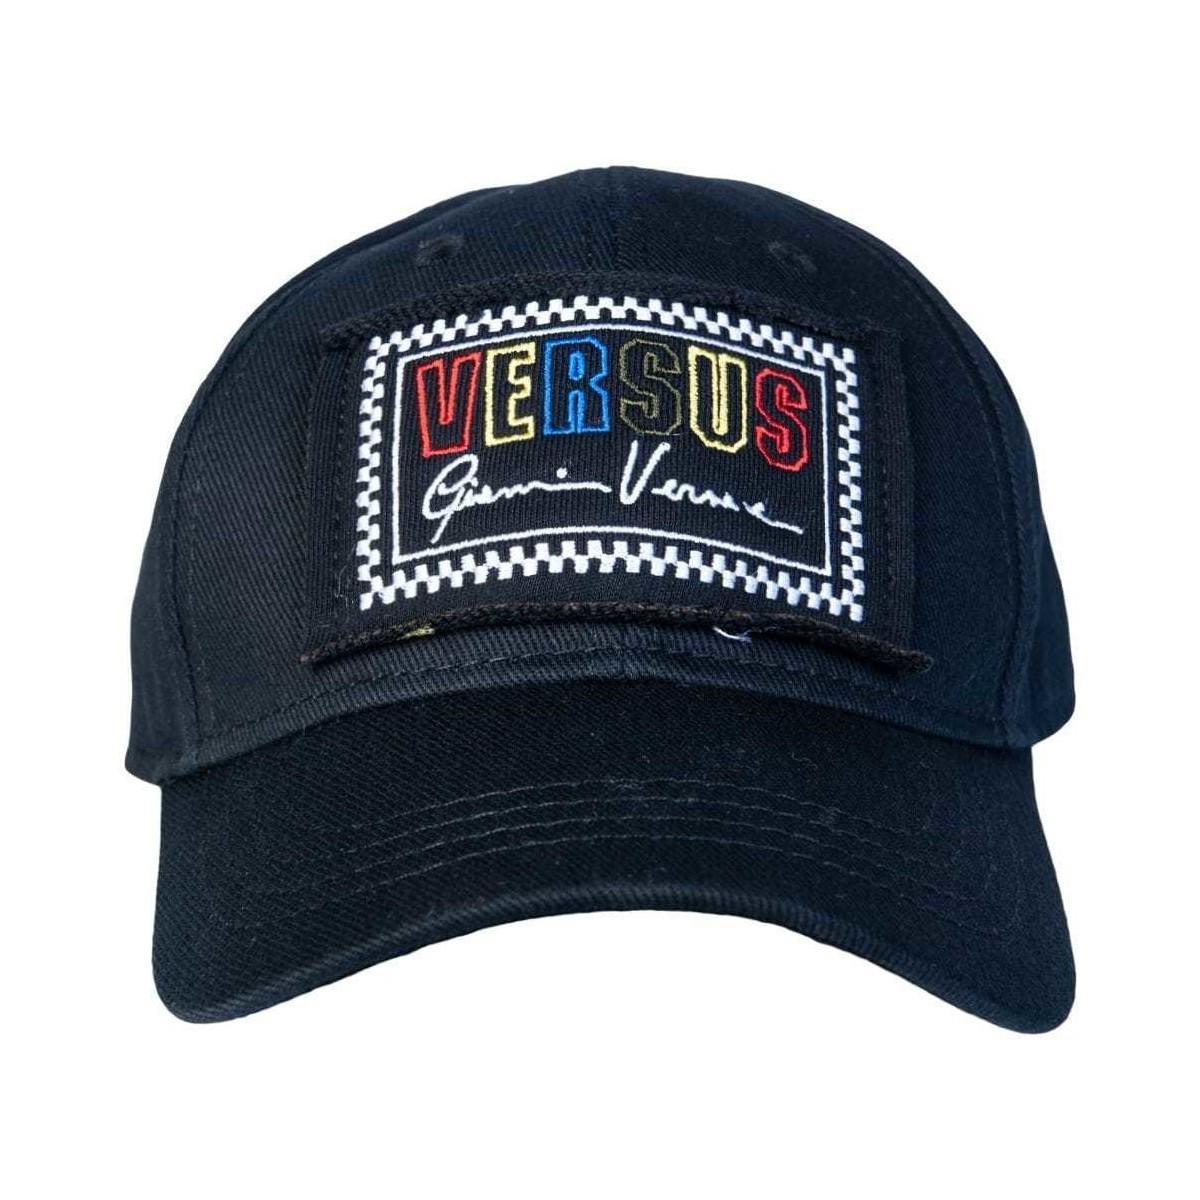 dfe6ba7d7cf Versus Versace Cap Buc0053 Bt10524 Men s Cap In Black in Black for ...